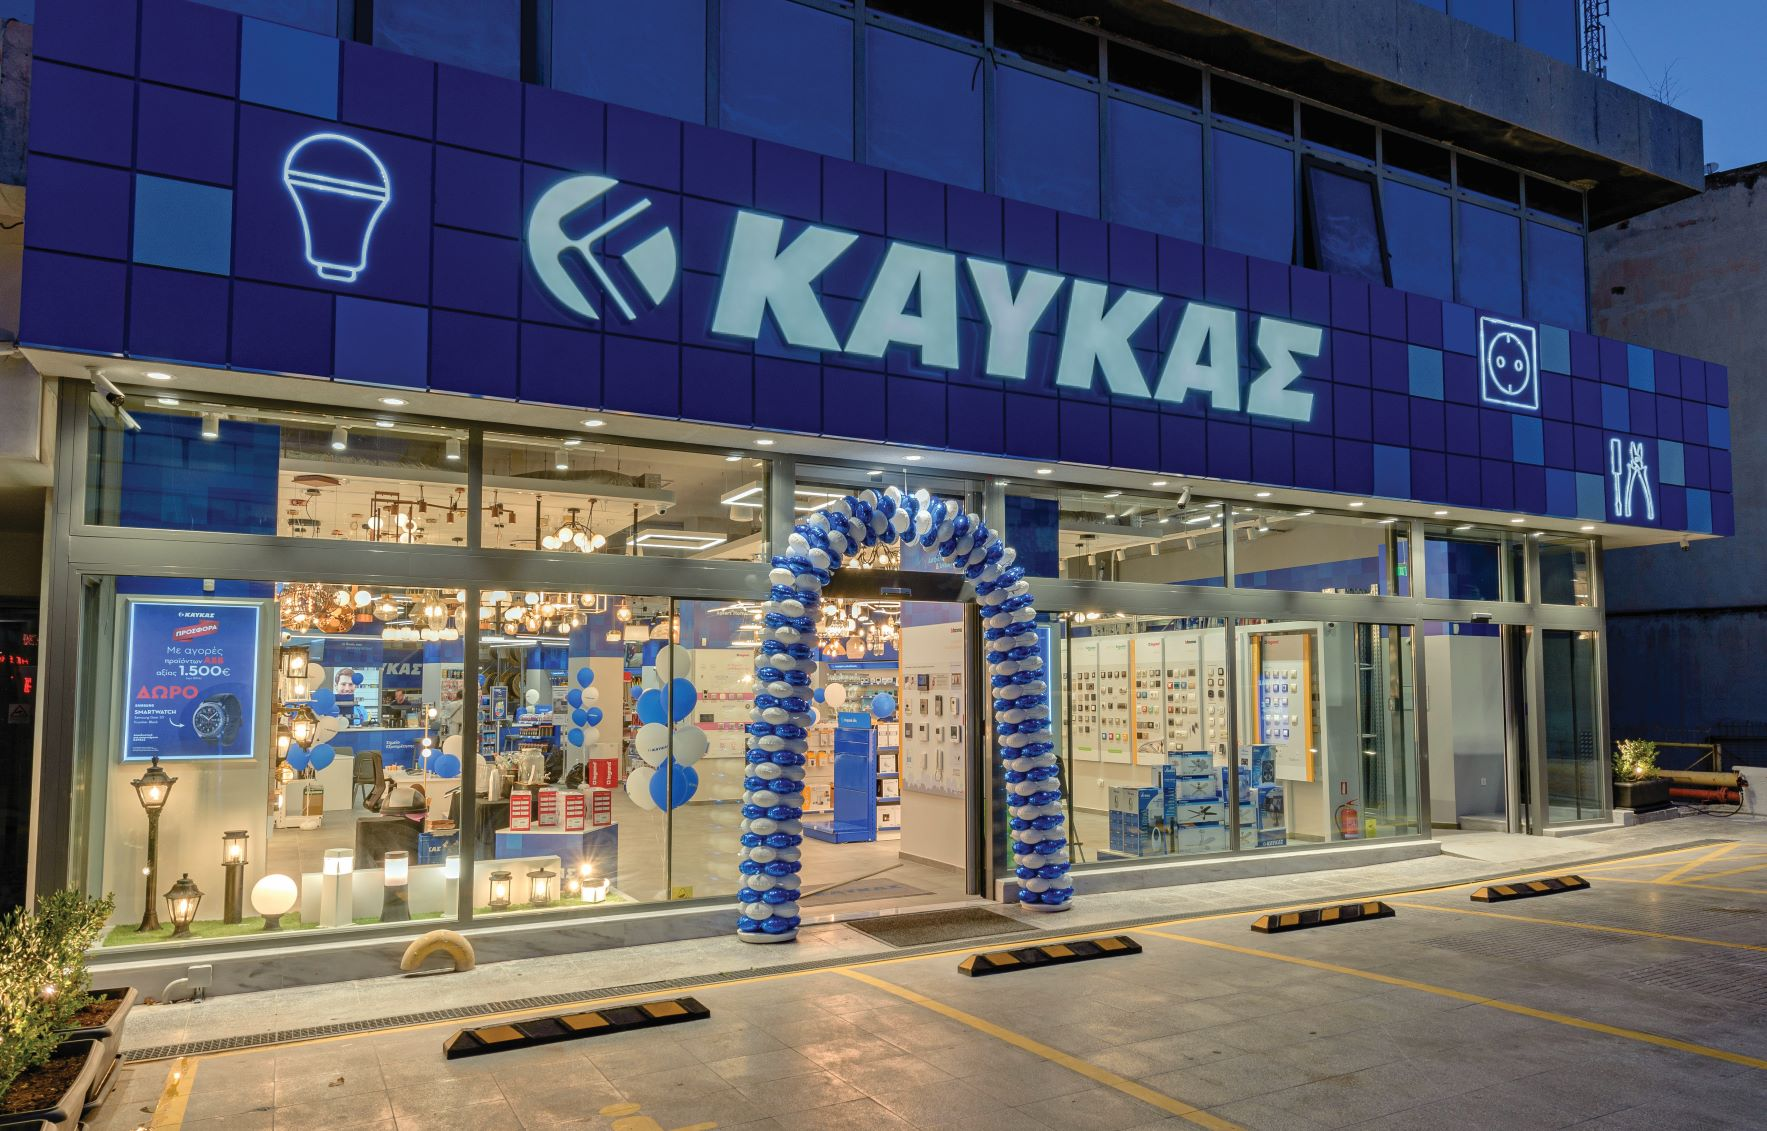 Δυναμική επέκταση του δικτύου της ΚΑΥΚΑΣ με τρία νέα καταστήματα